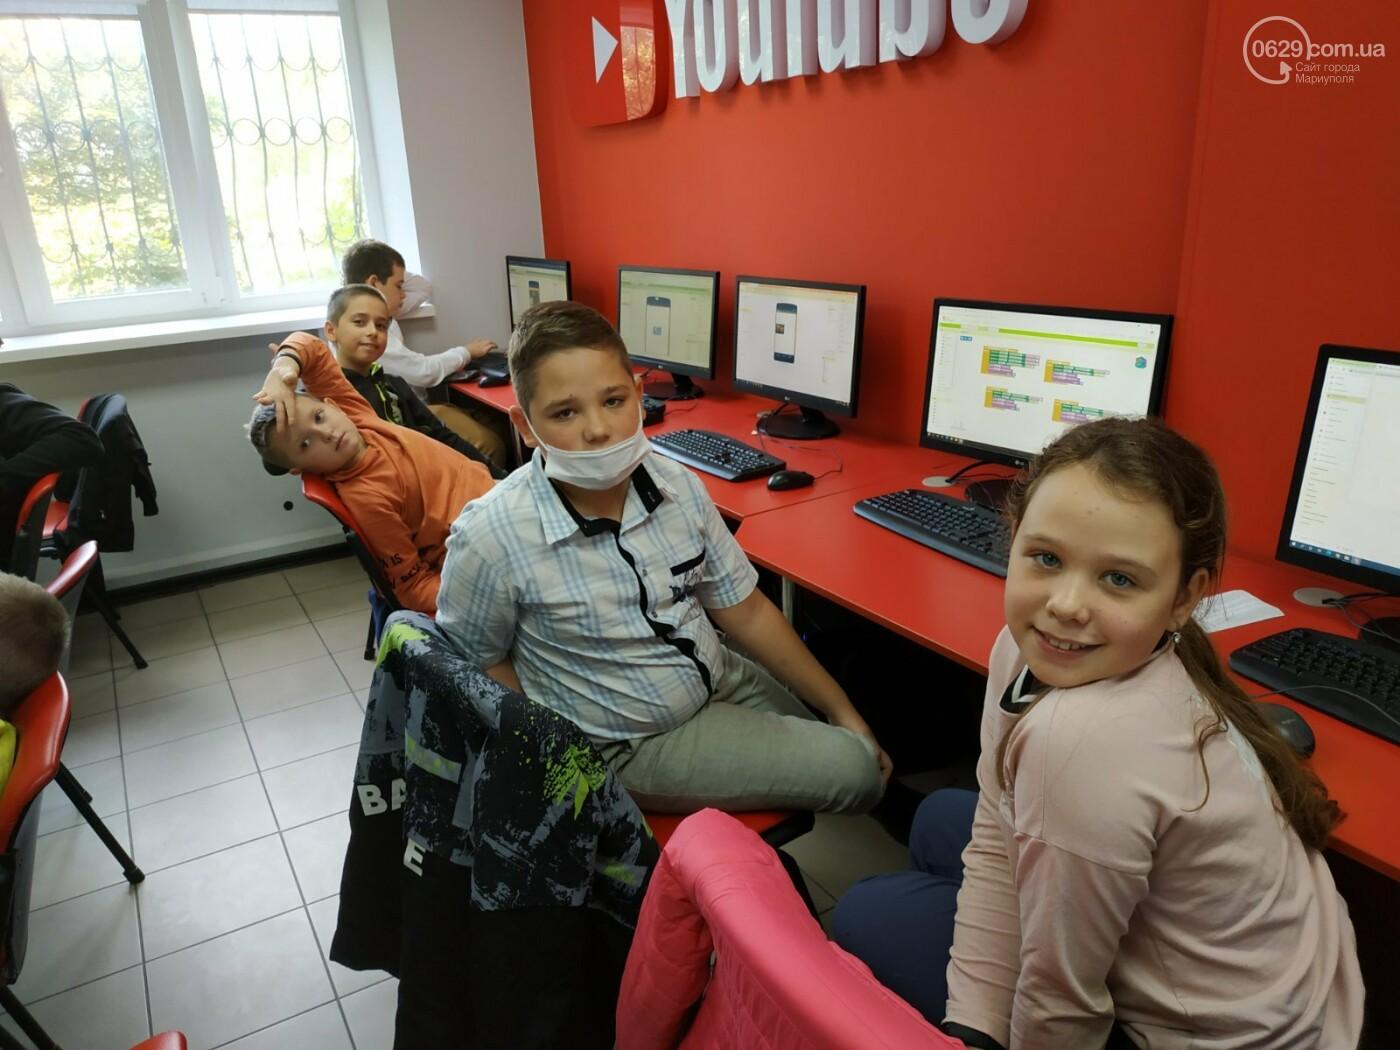 Бесплатные открытые уроки по IT для детей и подростков от BYTE Academy!, фото-3